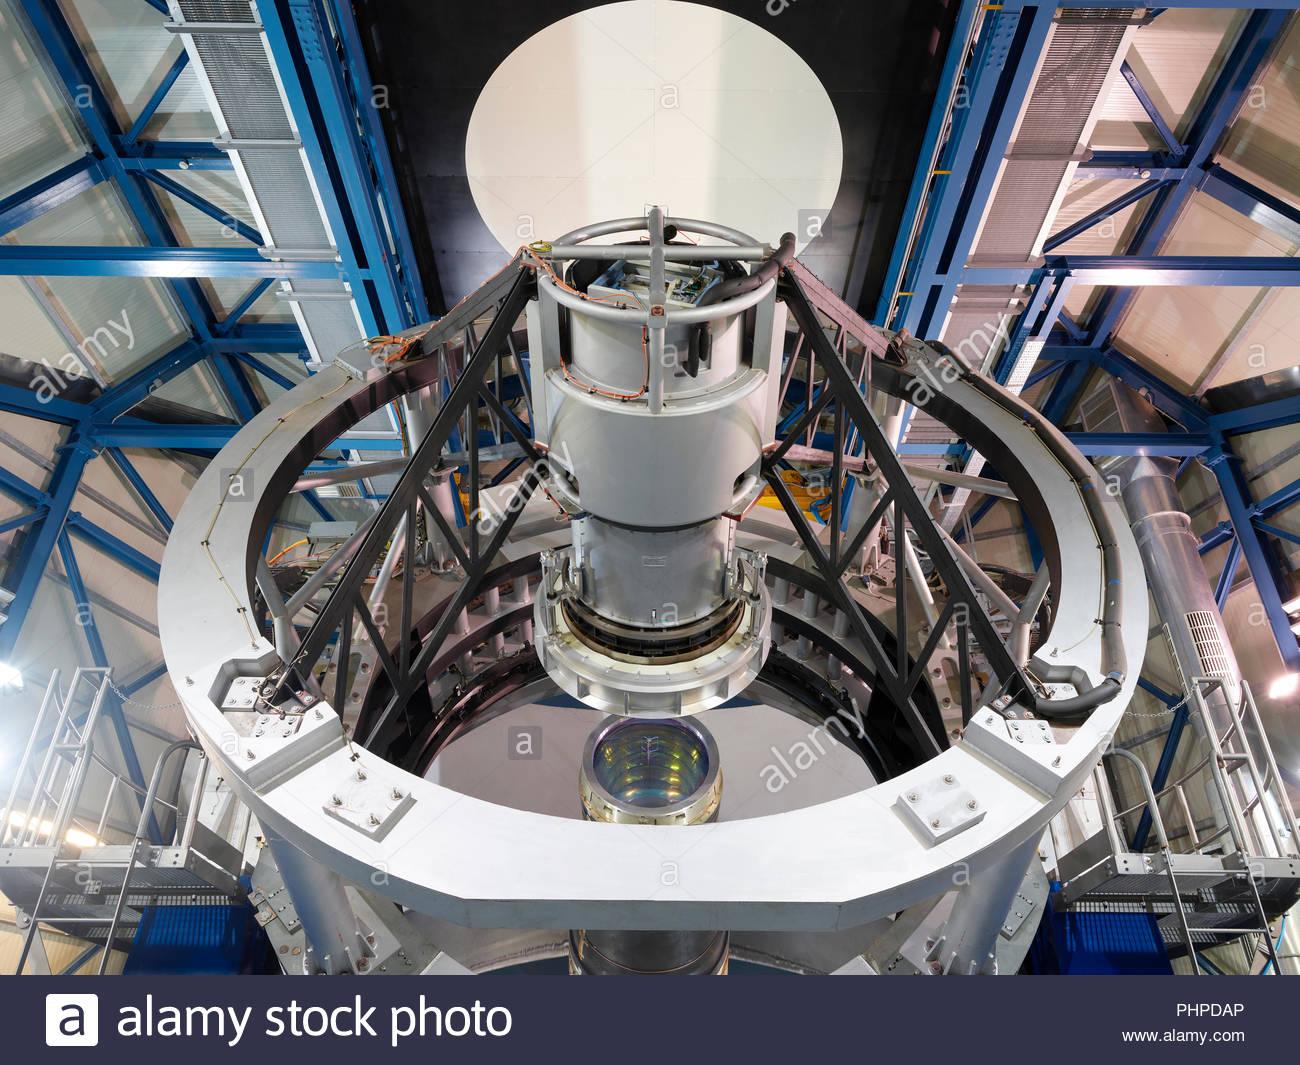 Low Angle View eines Teleskops objektiv auf Paranal Observatorium Stockbild